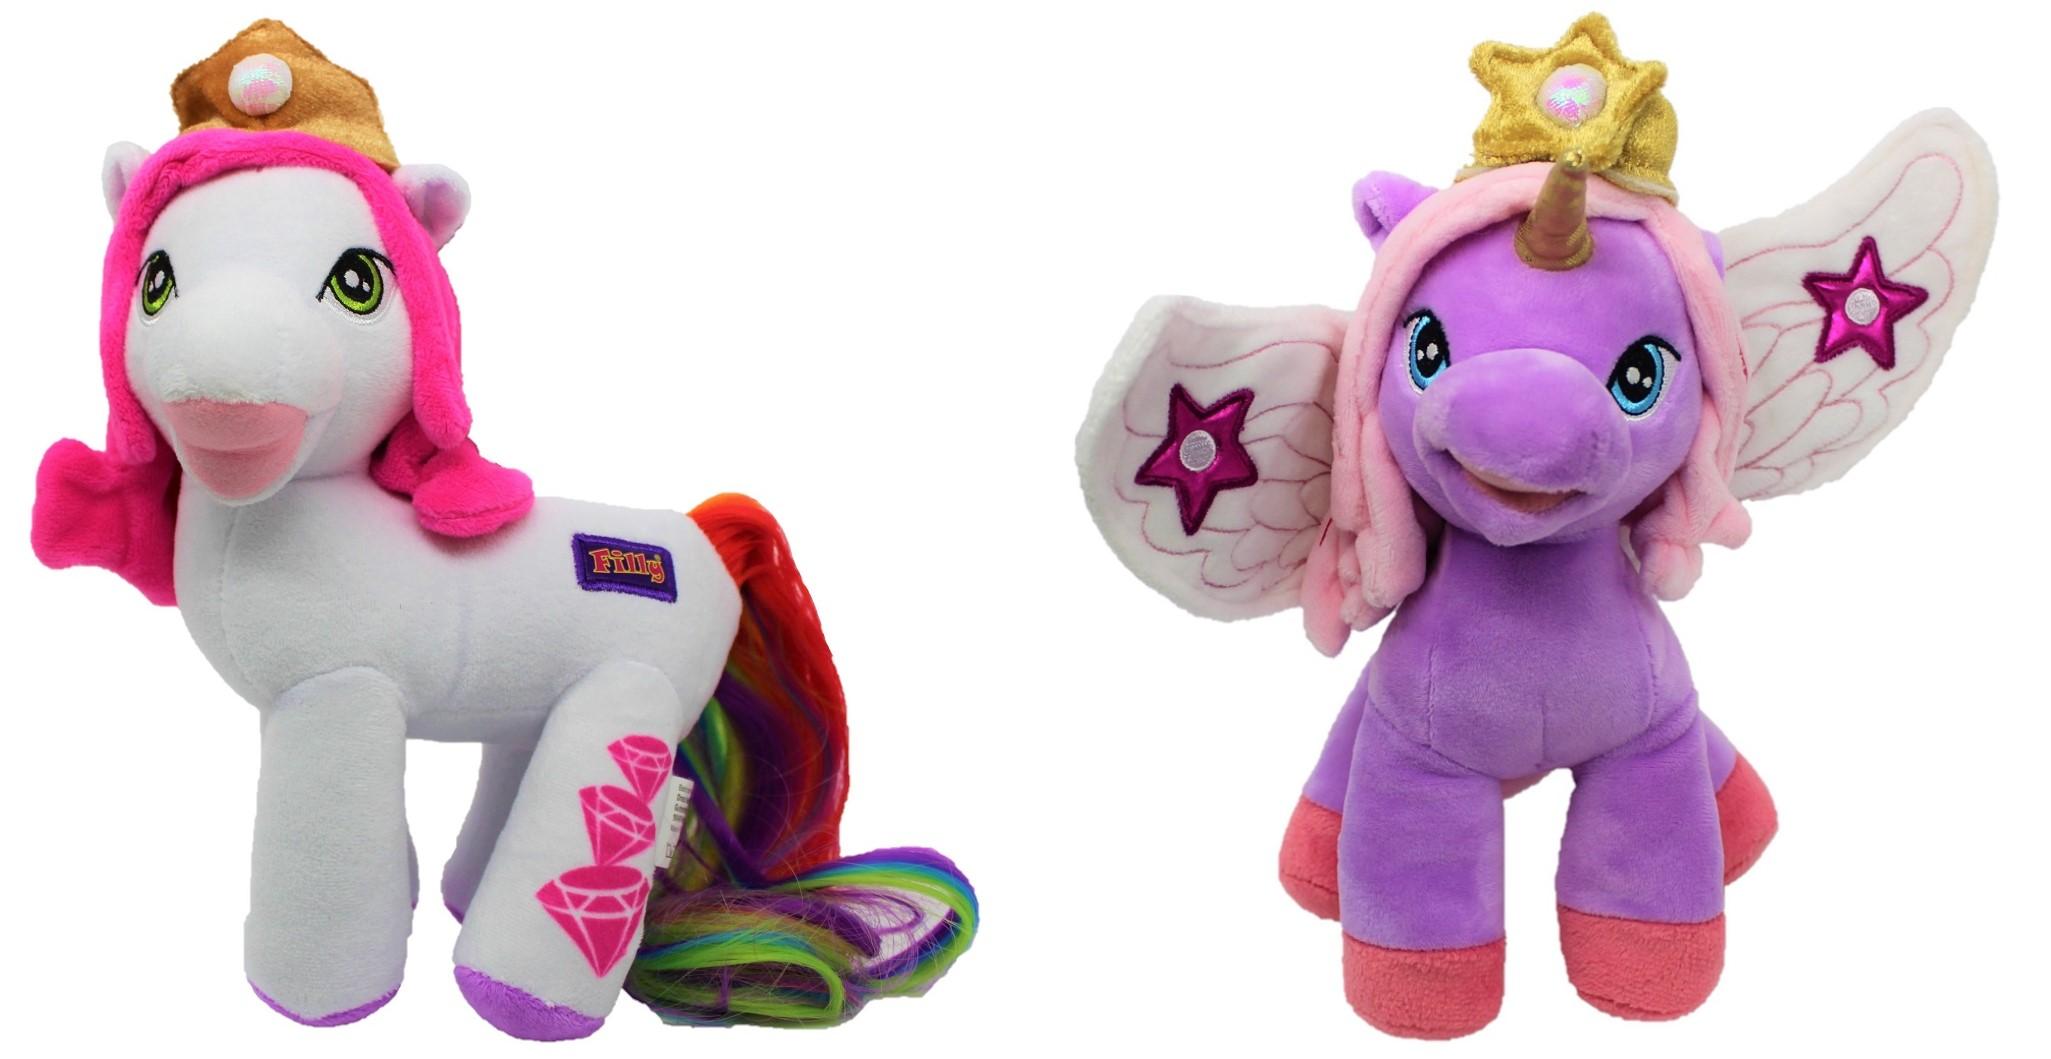 Filly Prinzessinnen süße Plüsch-Pferdchen 25cm für Mädchen (Auswahl)